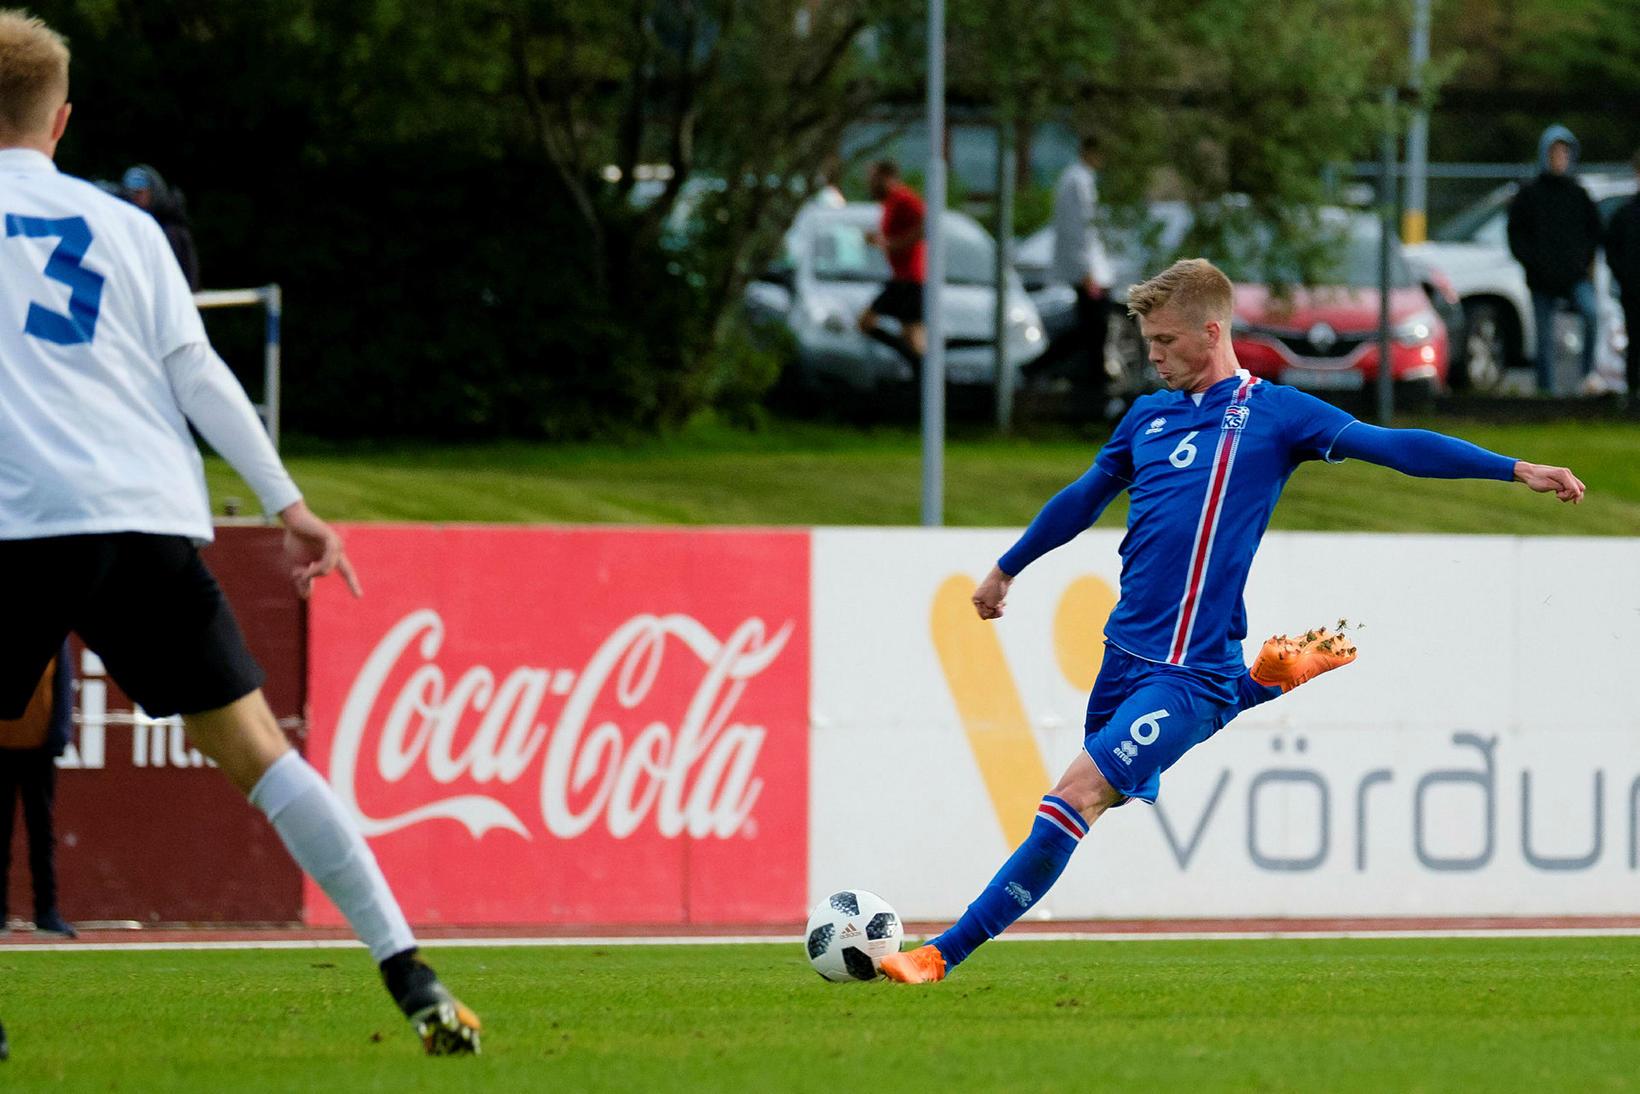 Samúel Kári Friðjónsson í leik með 21-árs landsliðinu haustið 2018.